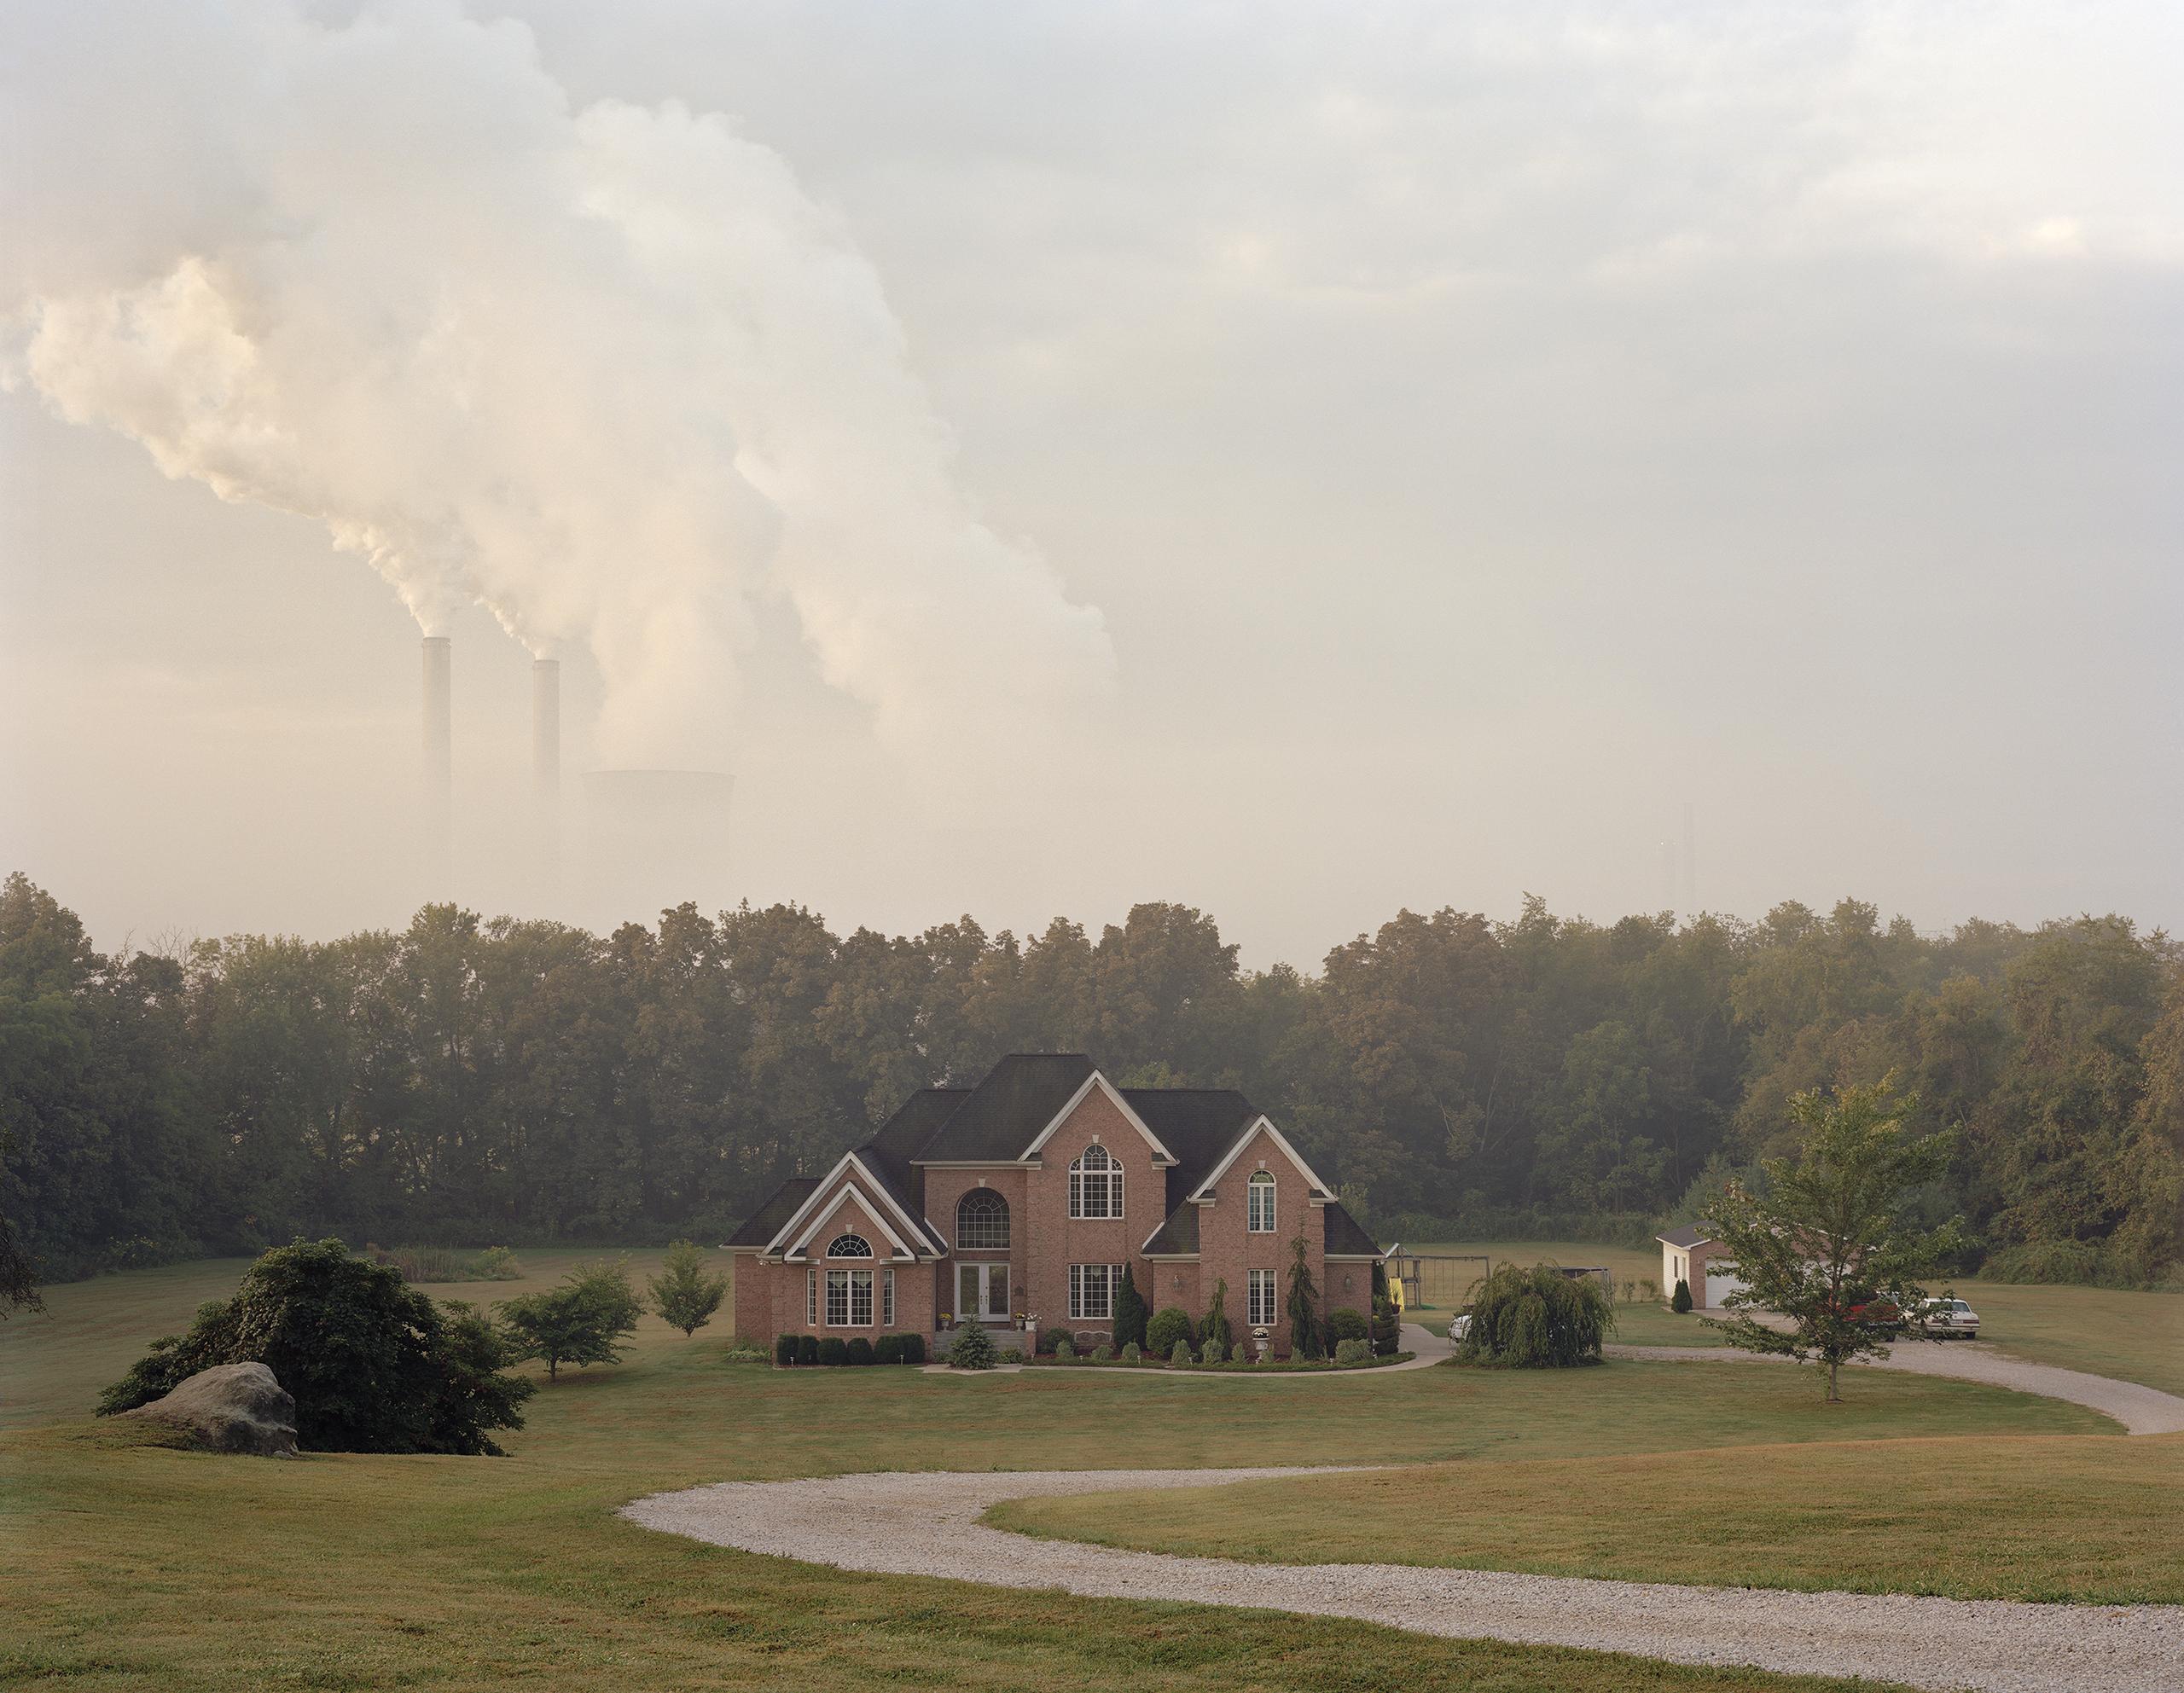 Cheshire, Ohio, 2009